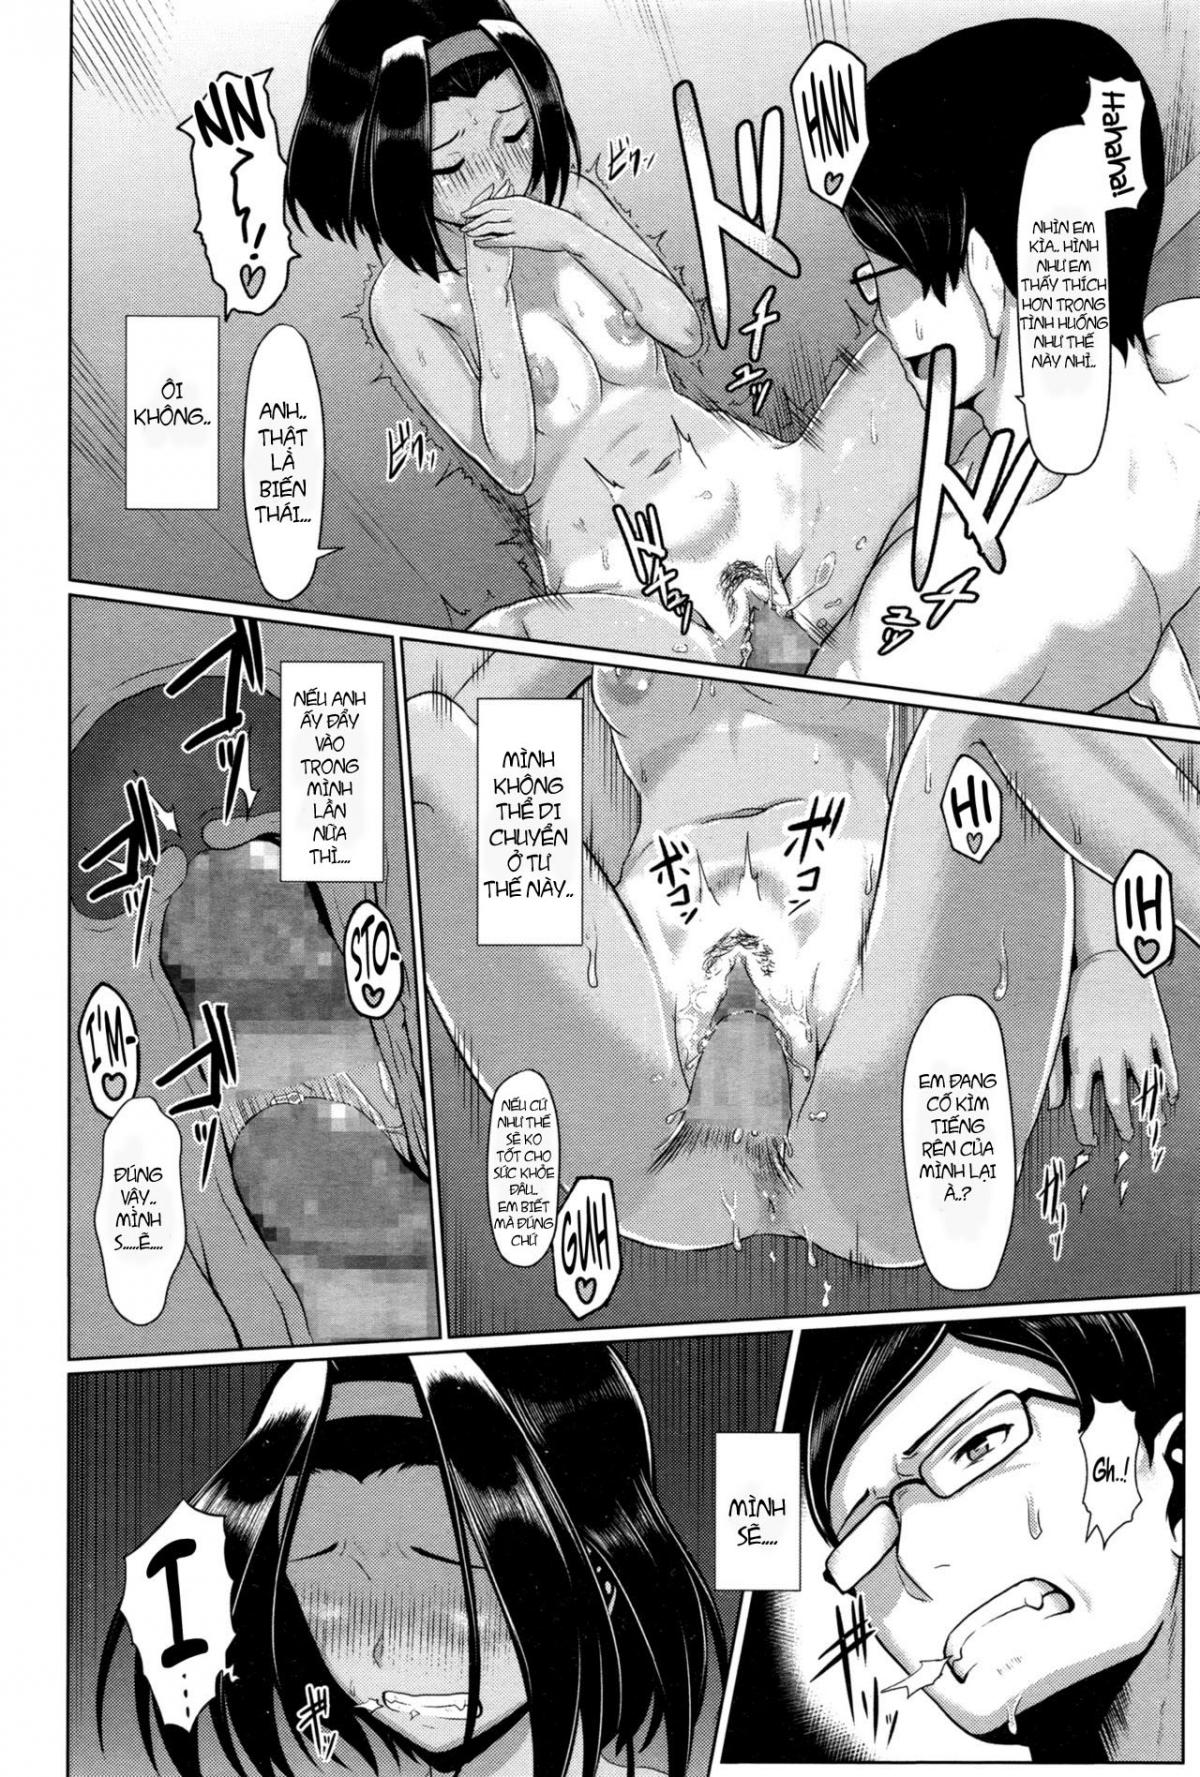 Hình ảnh  trong bài viết Truyện hentai Outframe